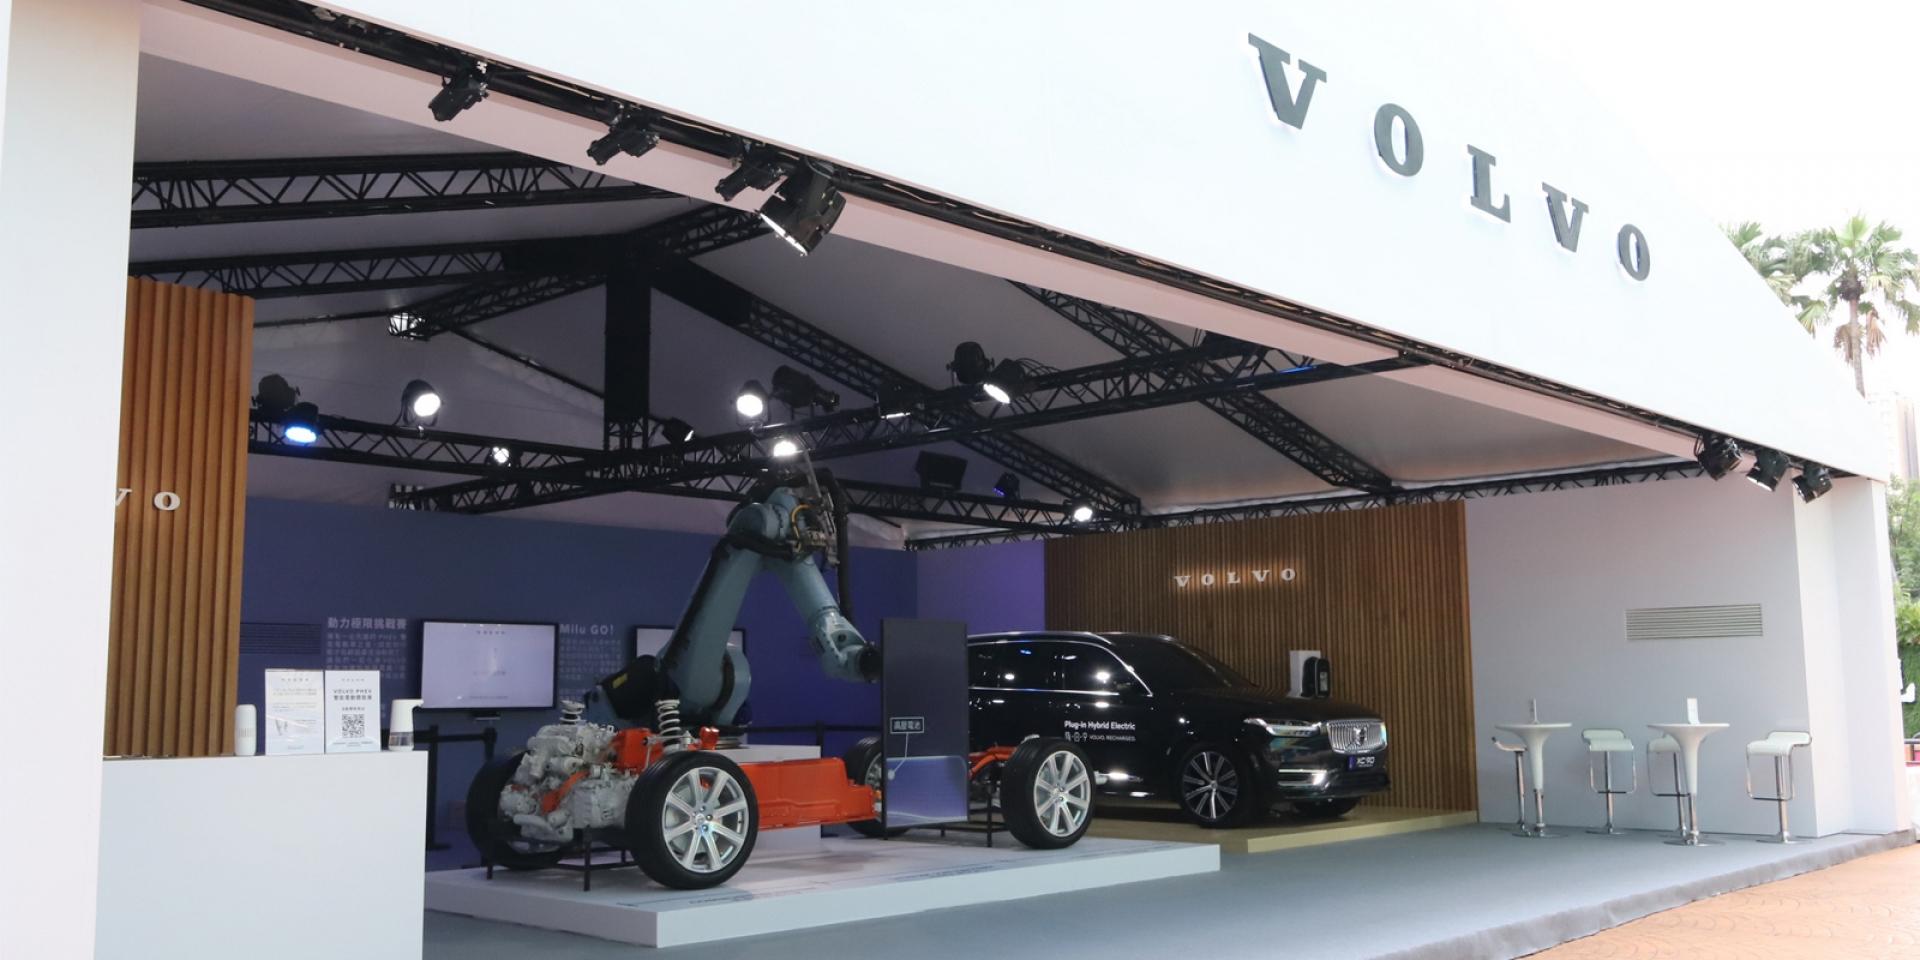 近距離體驗 Volvo PHEV 的領先科技「Volvo PHEV 雙能電動體驗展」全台巡迴起跑!